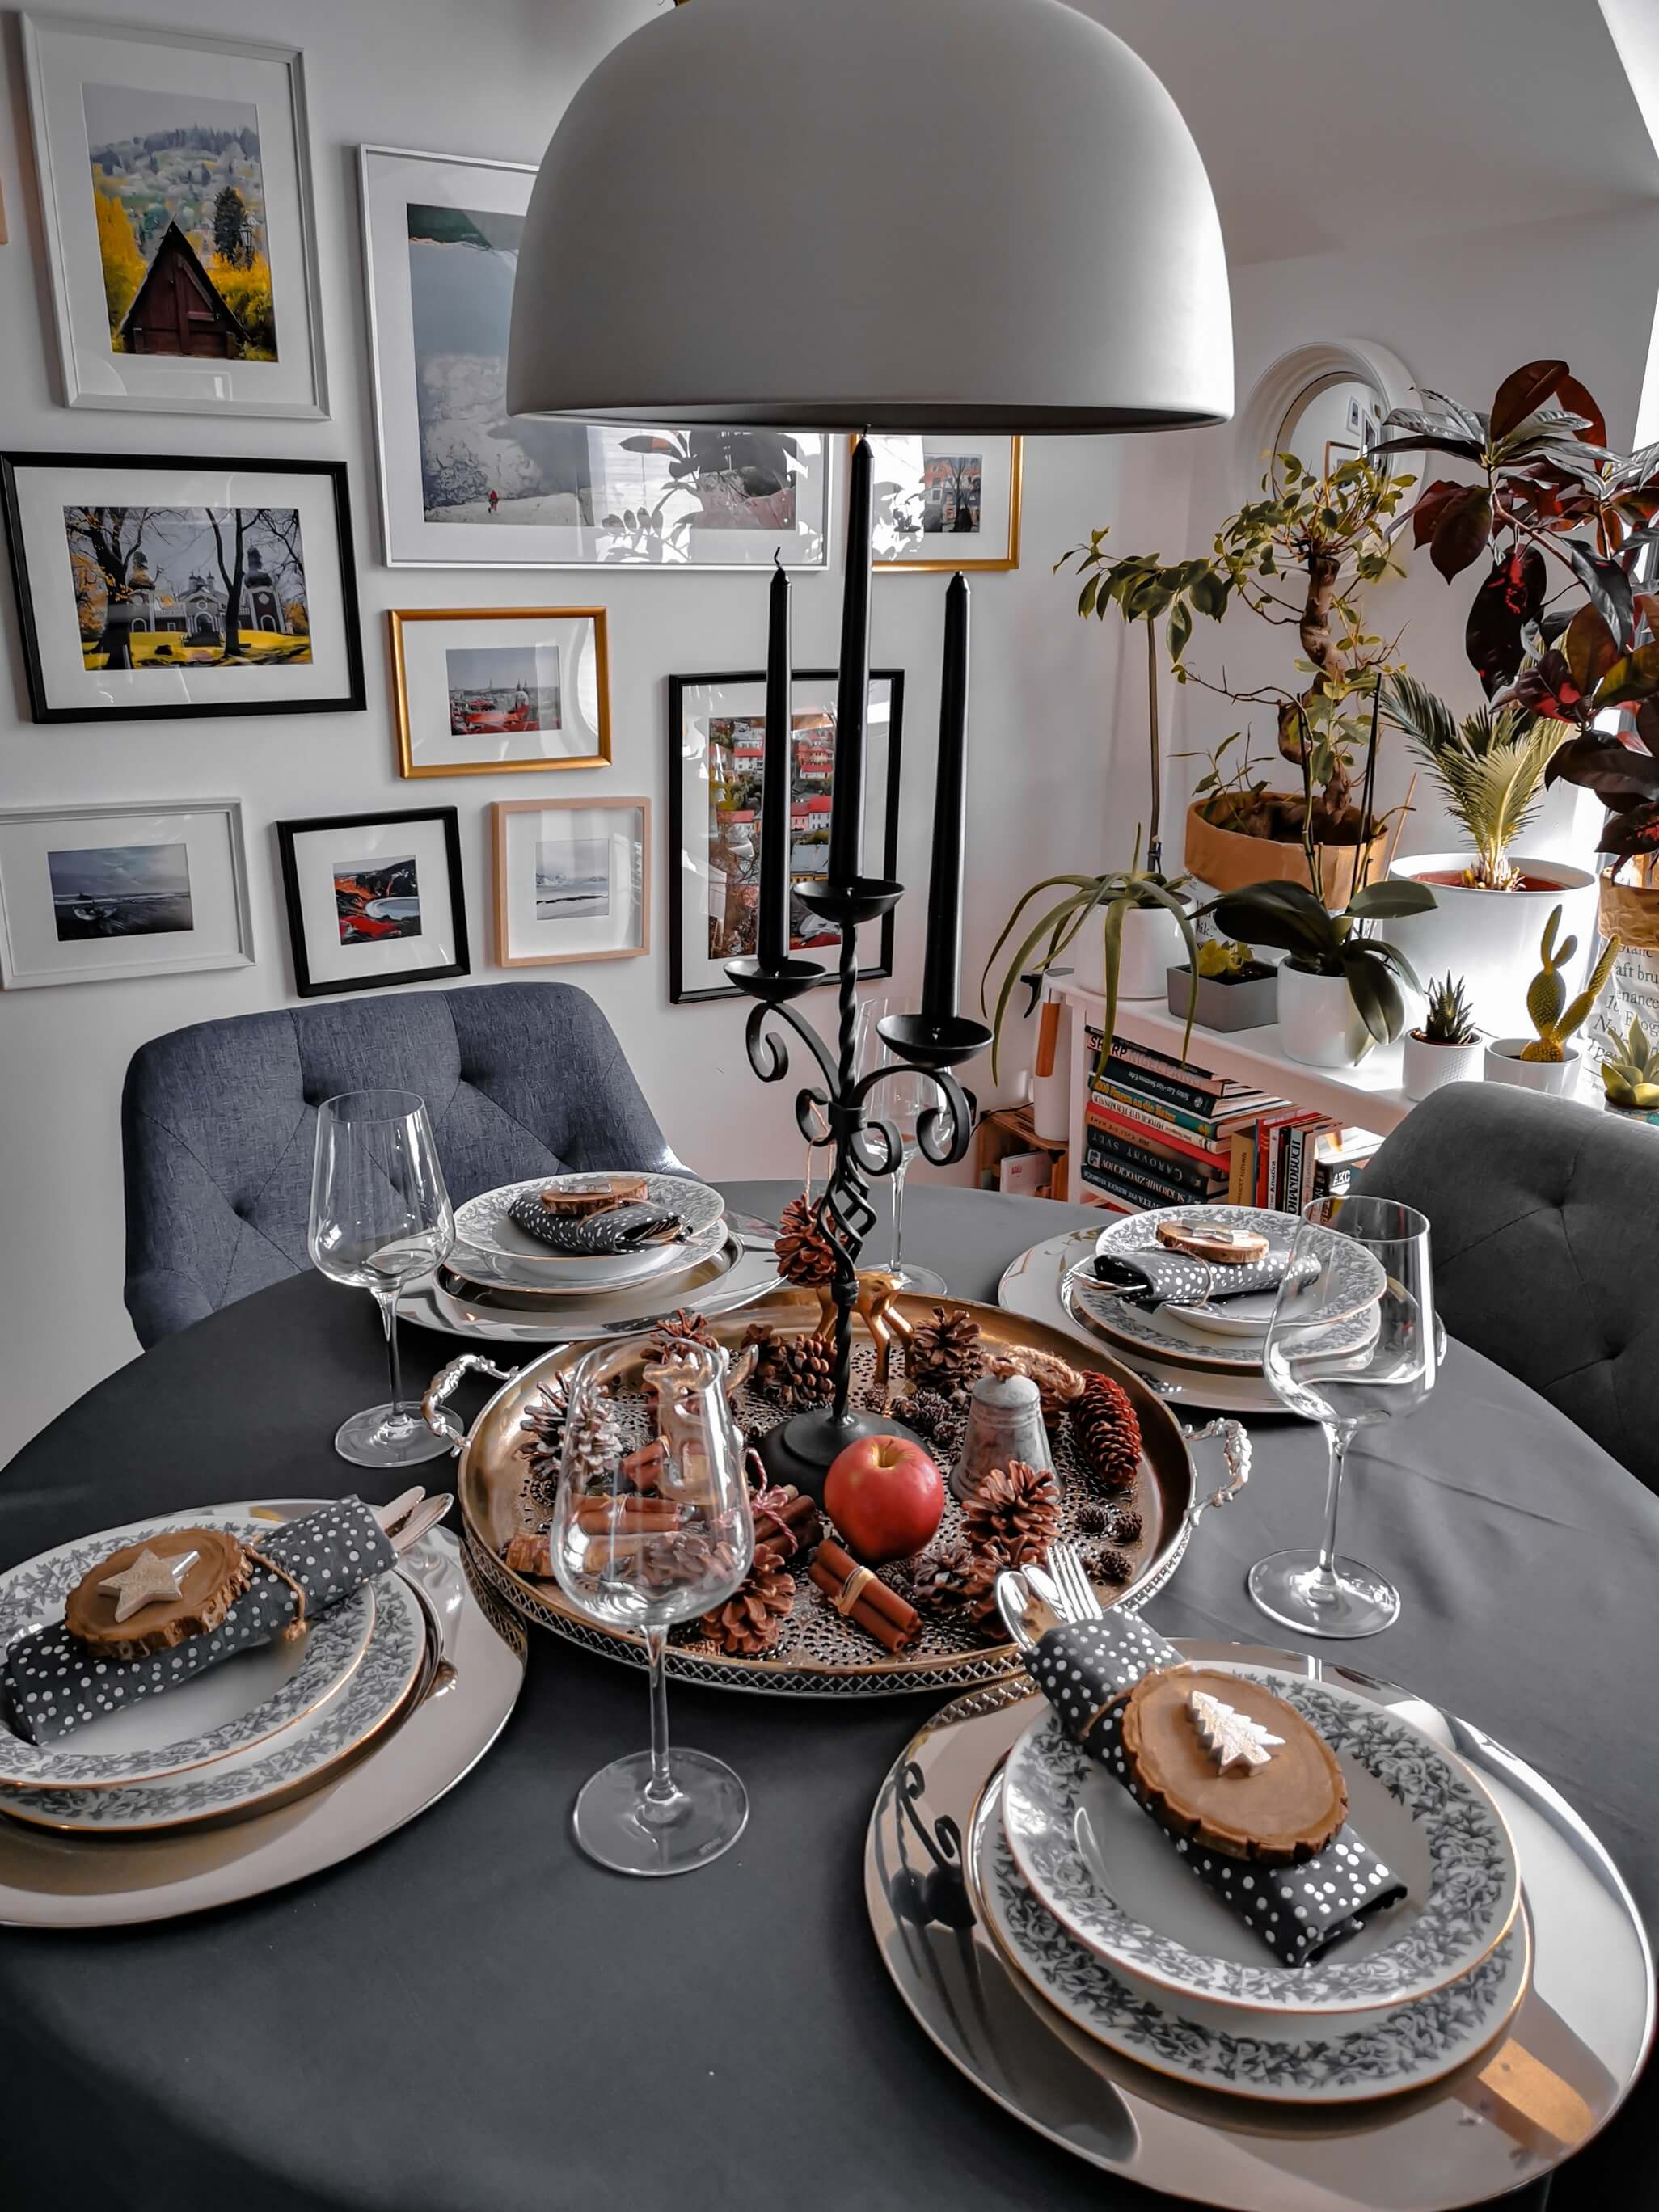 IMG 20191201 140051 1 resized 20191201 082748981 - Inšpirácia na krásne vyzdobený vianočný stôl